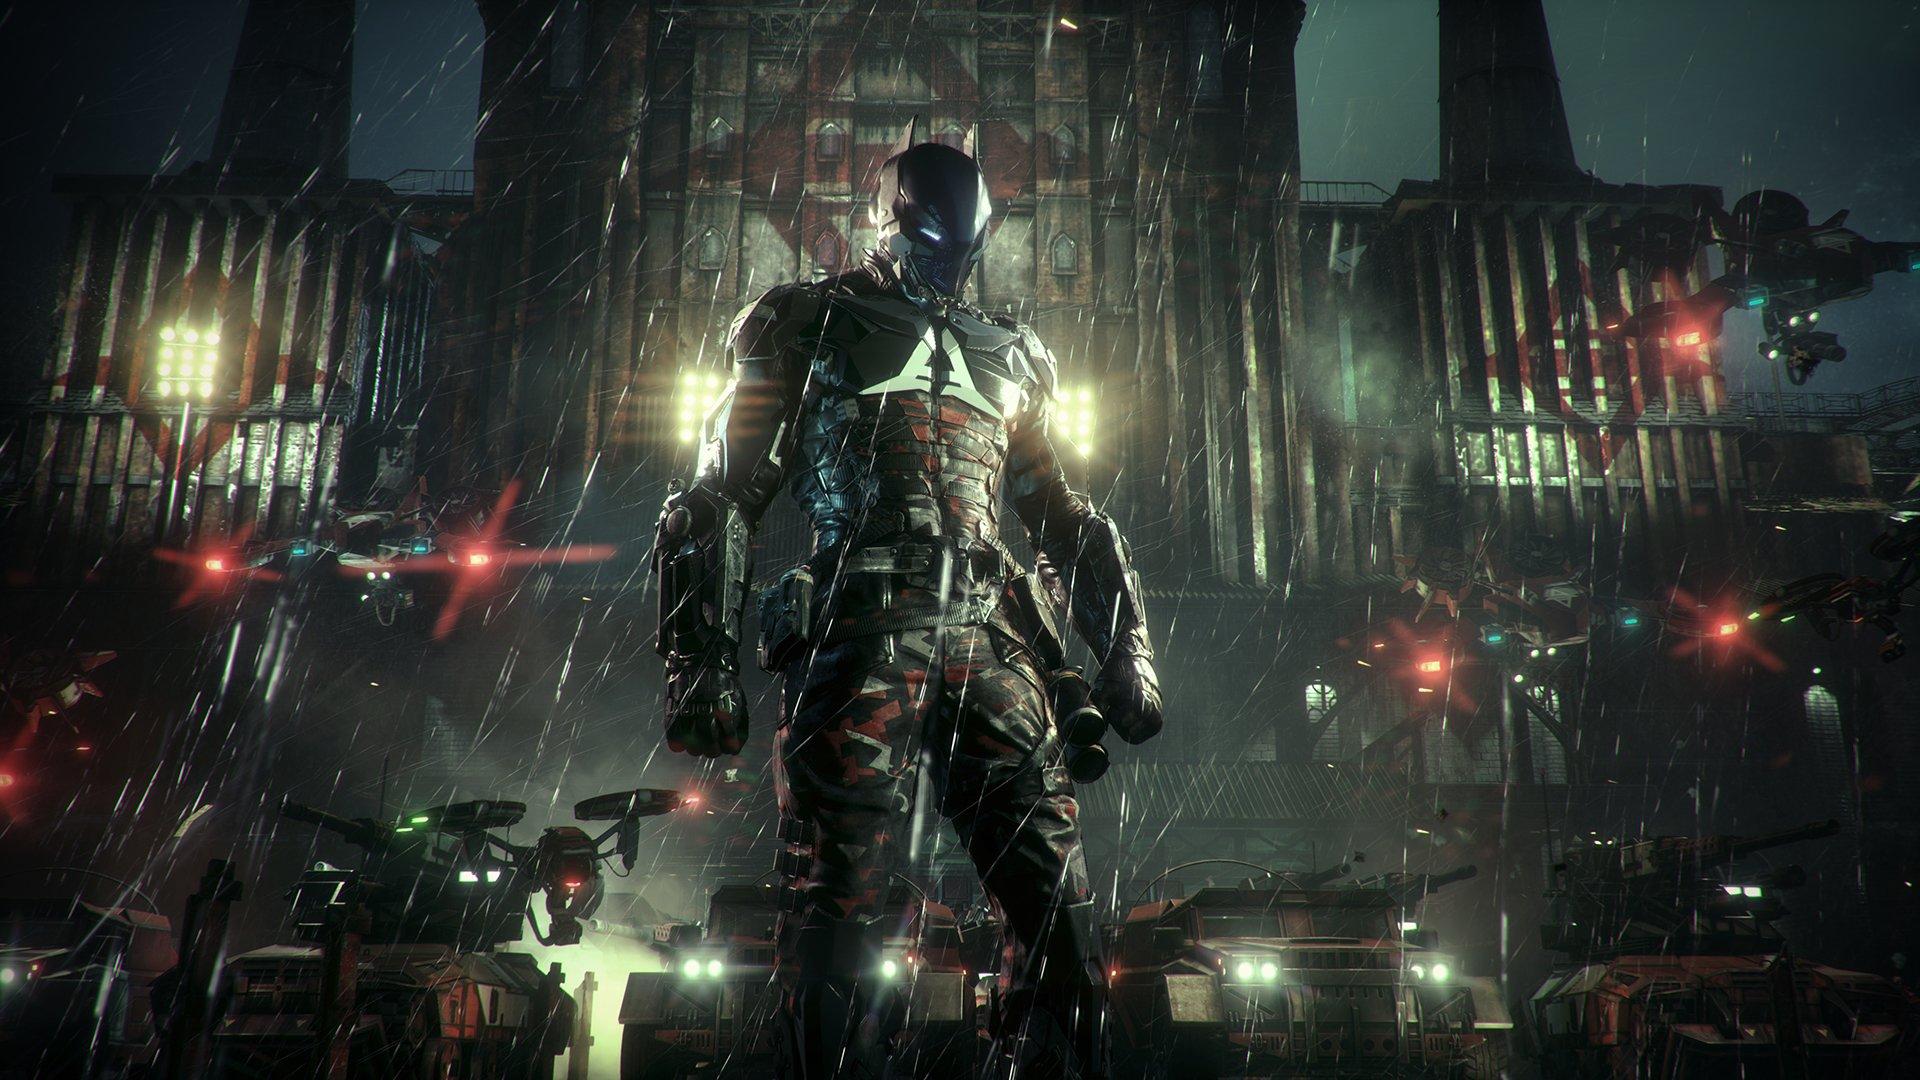 Batman: Arkham Knight получила рейтинг M (17+) - Изображение 1